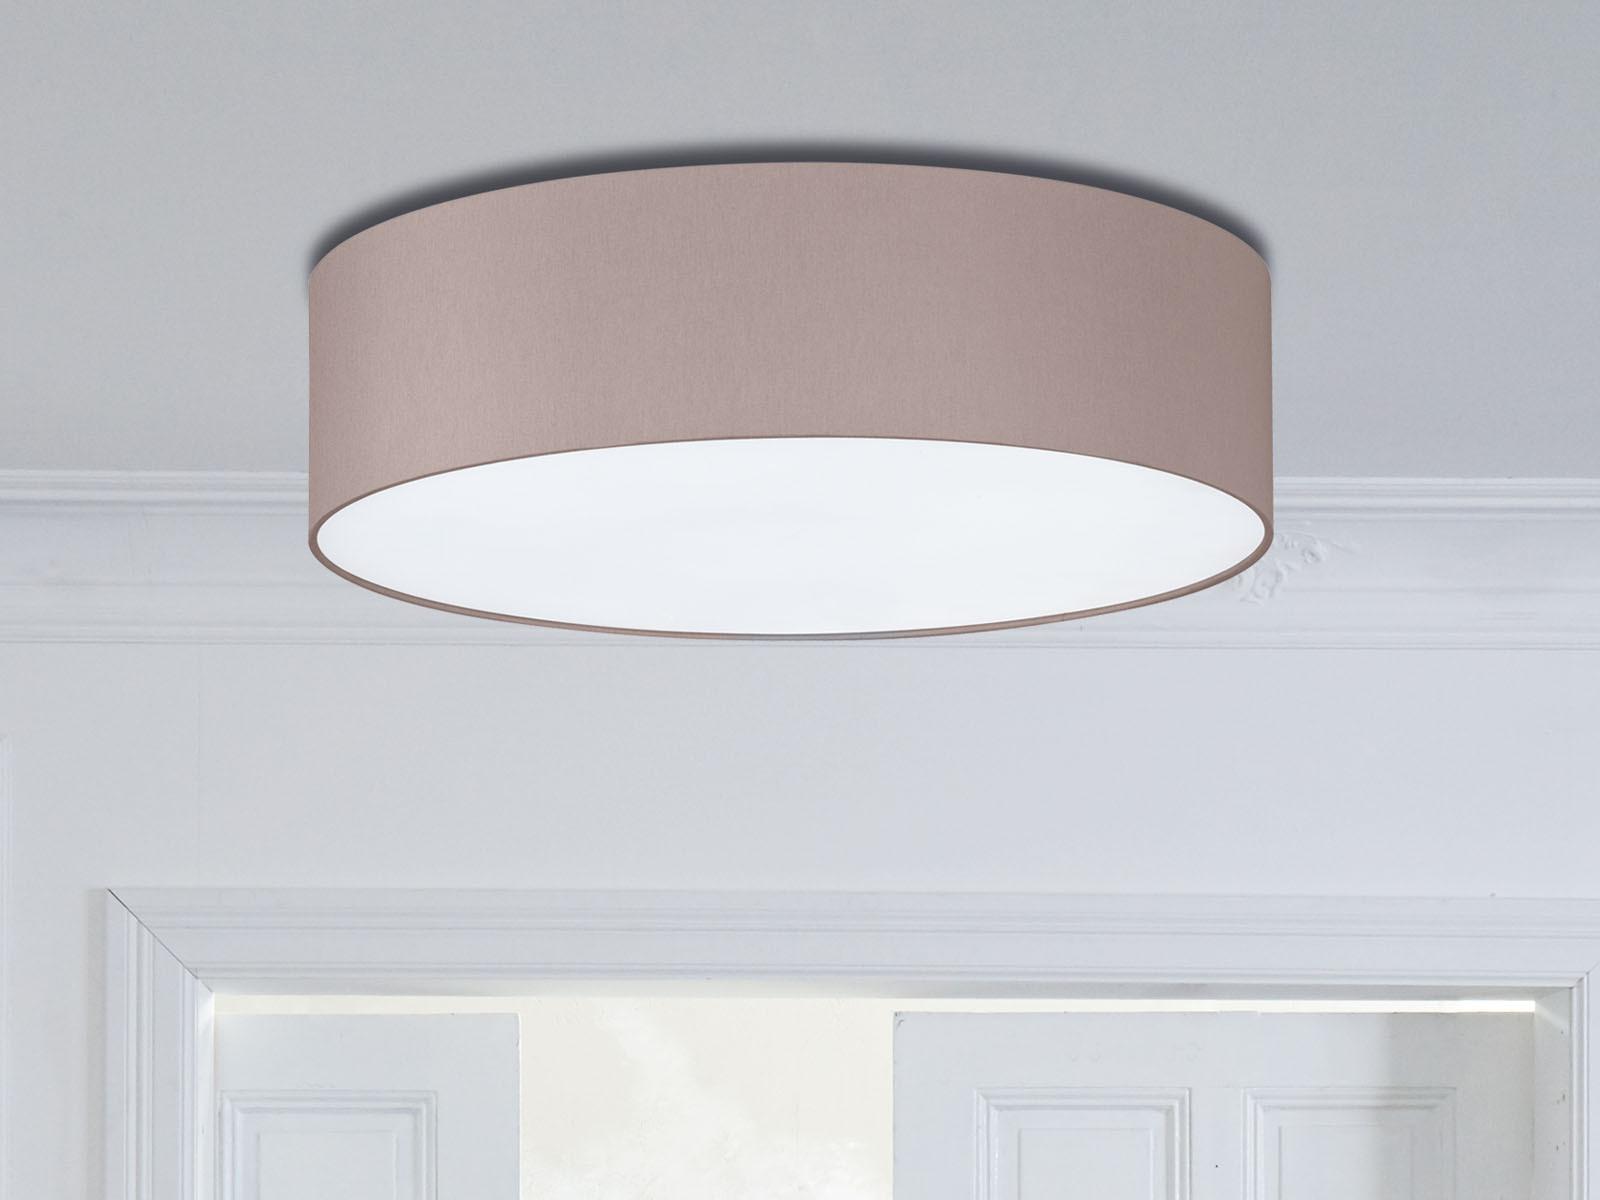 Deckenlampe Rund Ø45cm Schirm cappuccino E14 Wohnzimmerlampe Dielen Beleuchtung